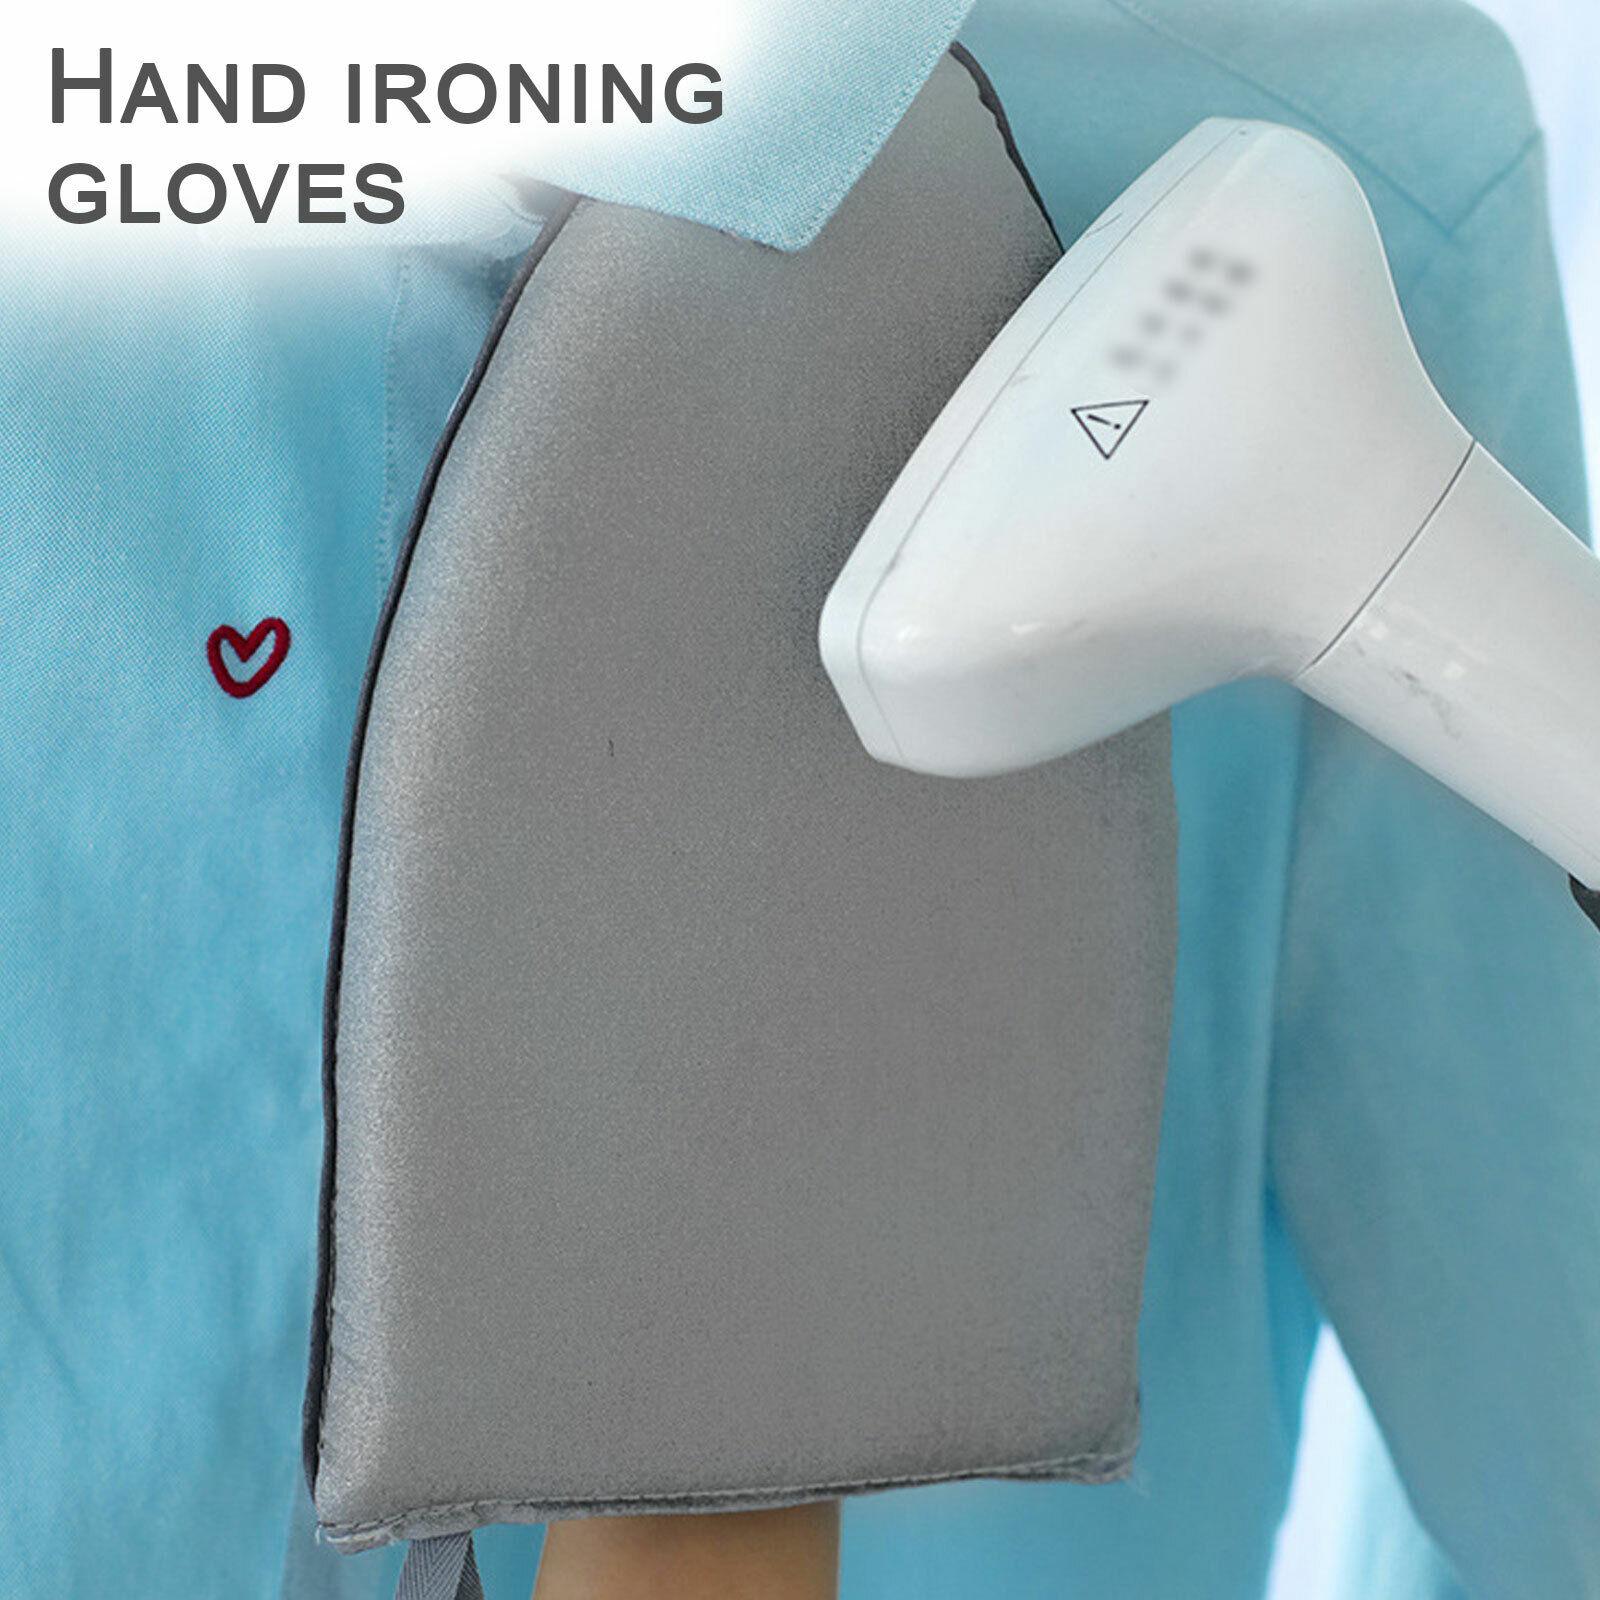 Mini Ironing Board Handheld Ironing Steamer Glove Home Laundry Ironing Mitt Pad